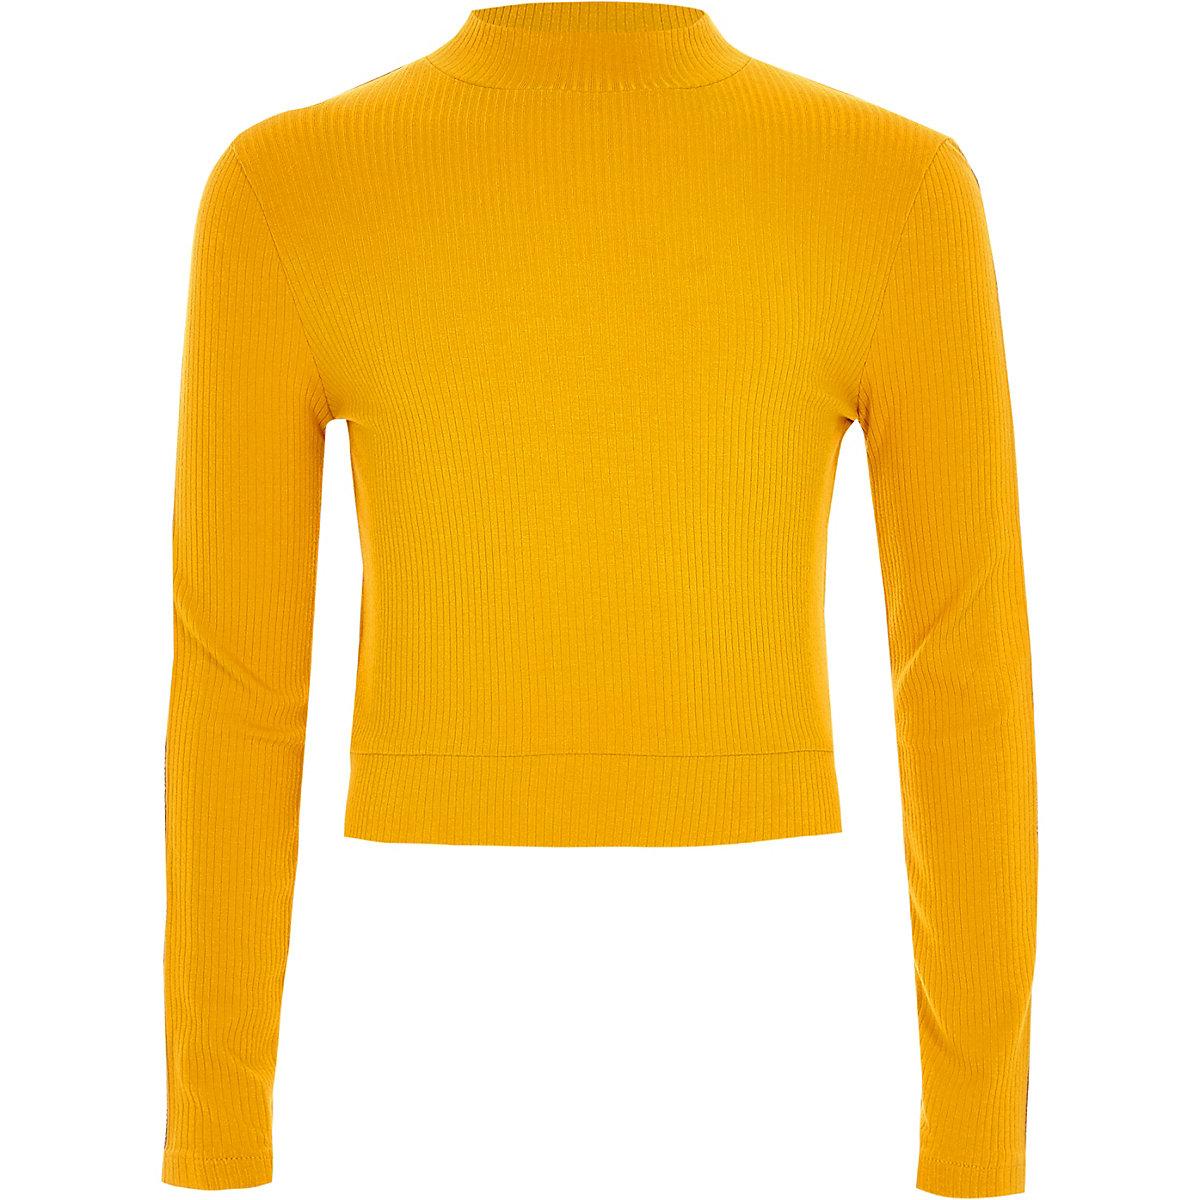 Girls yellow rhinestone tape side trim sweater